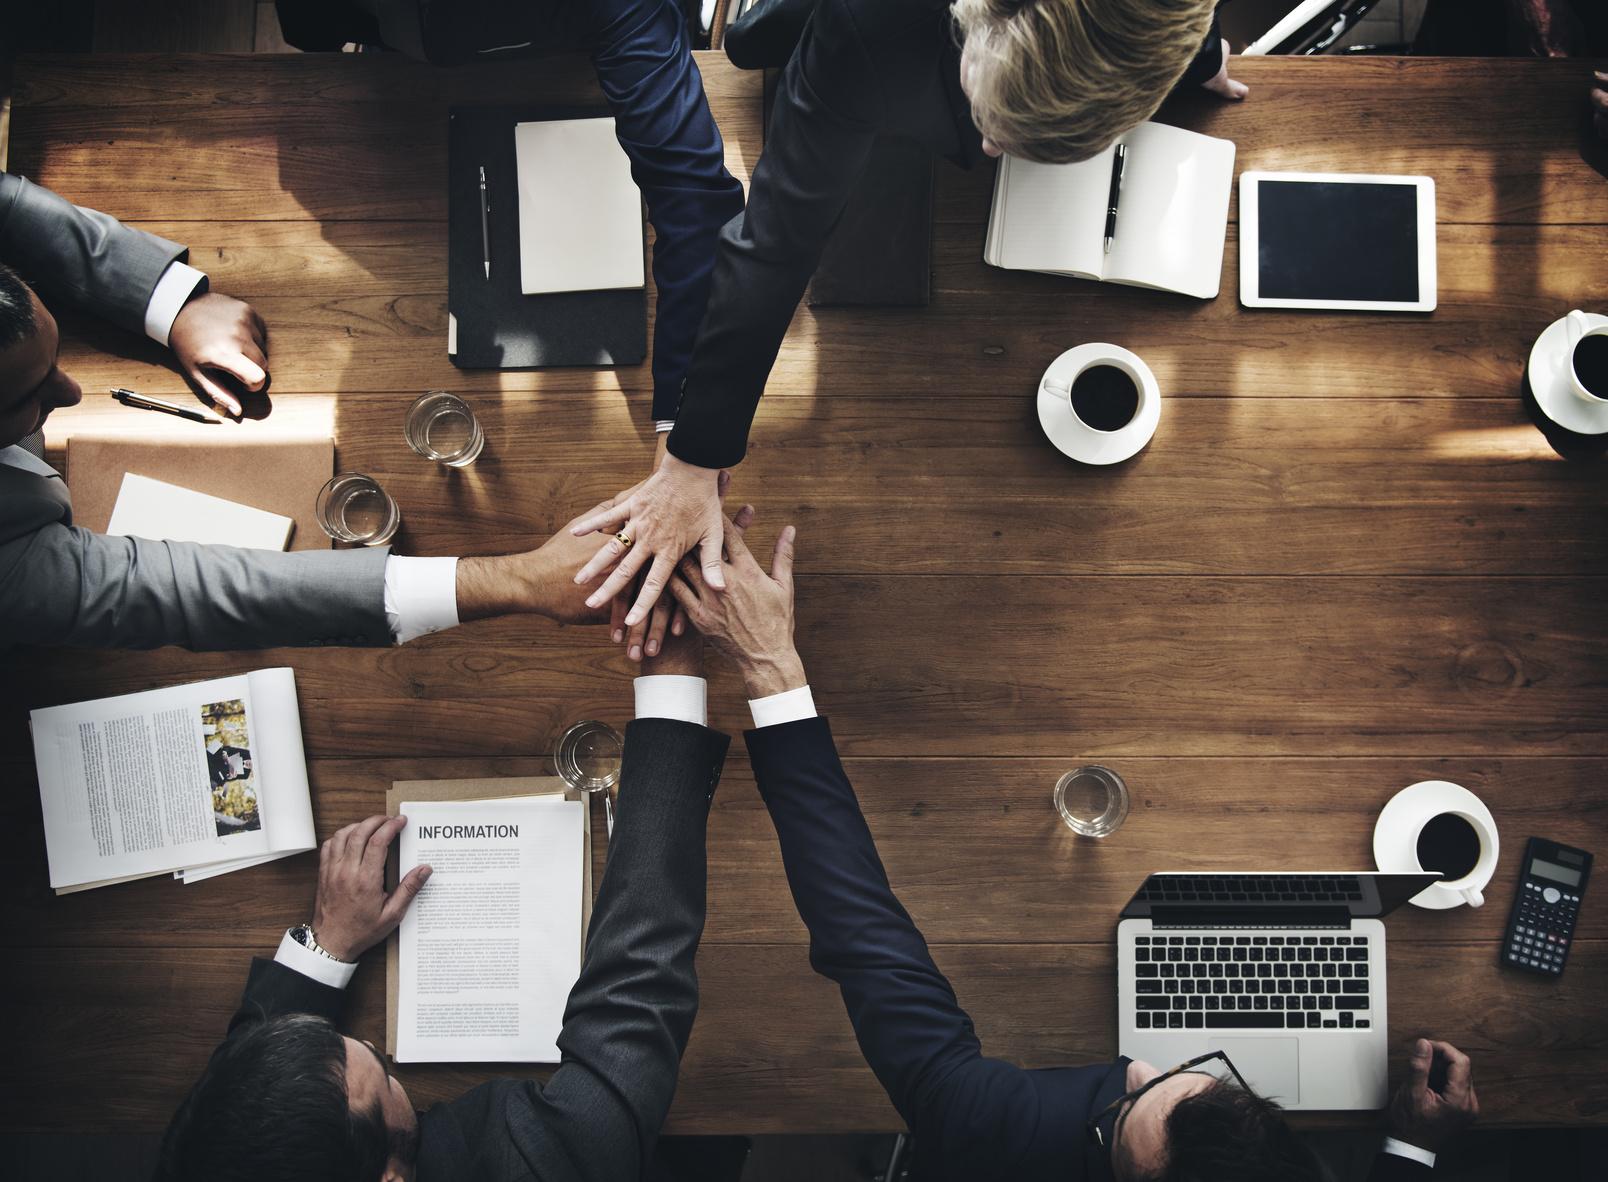 Mitarbeiter finden durch vereinte Kräfte von HR und Führungsebene